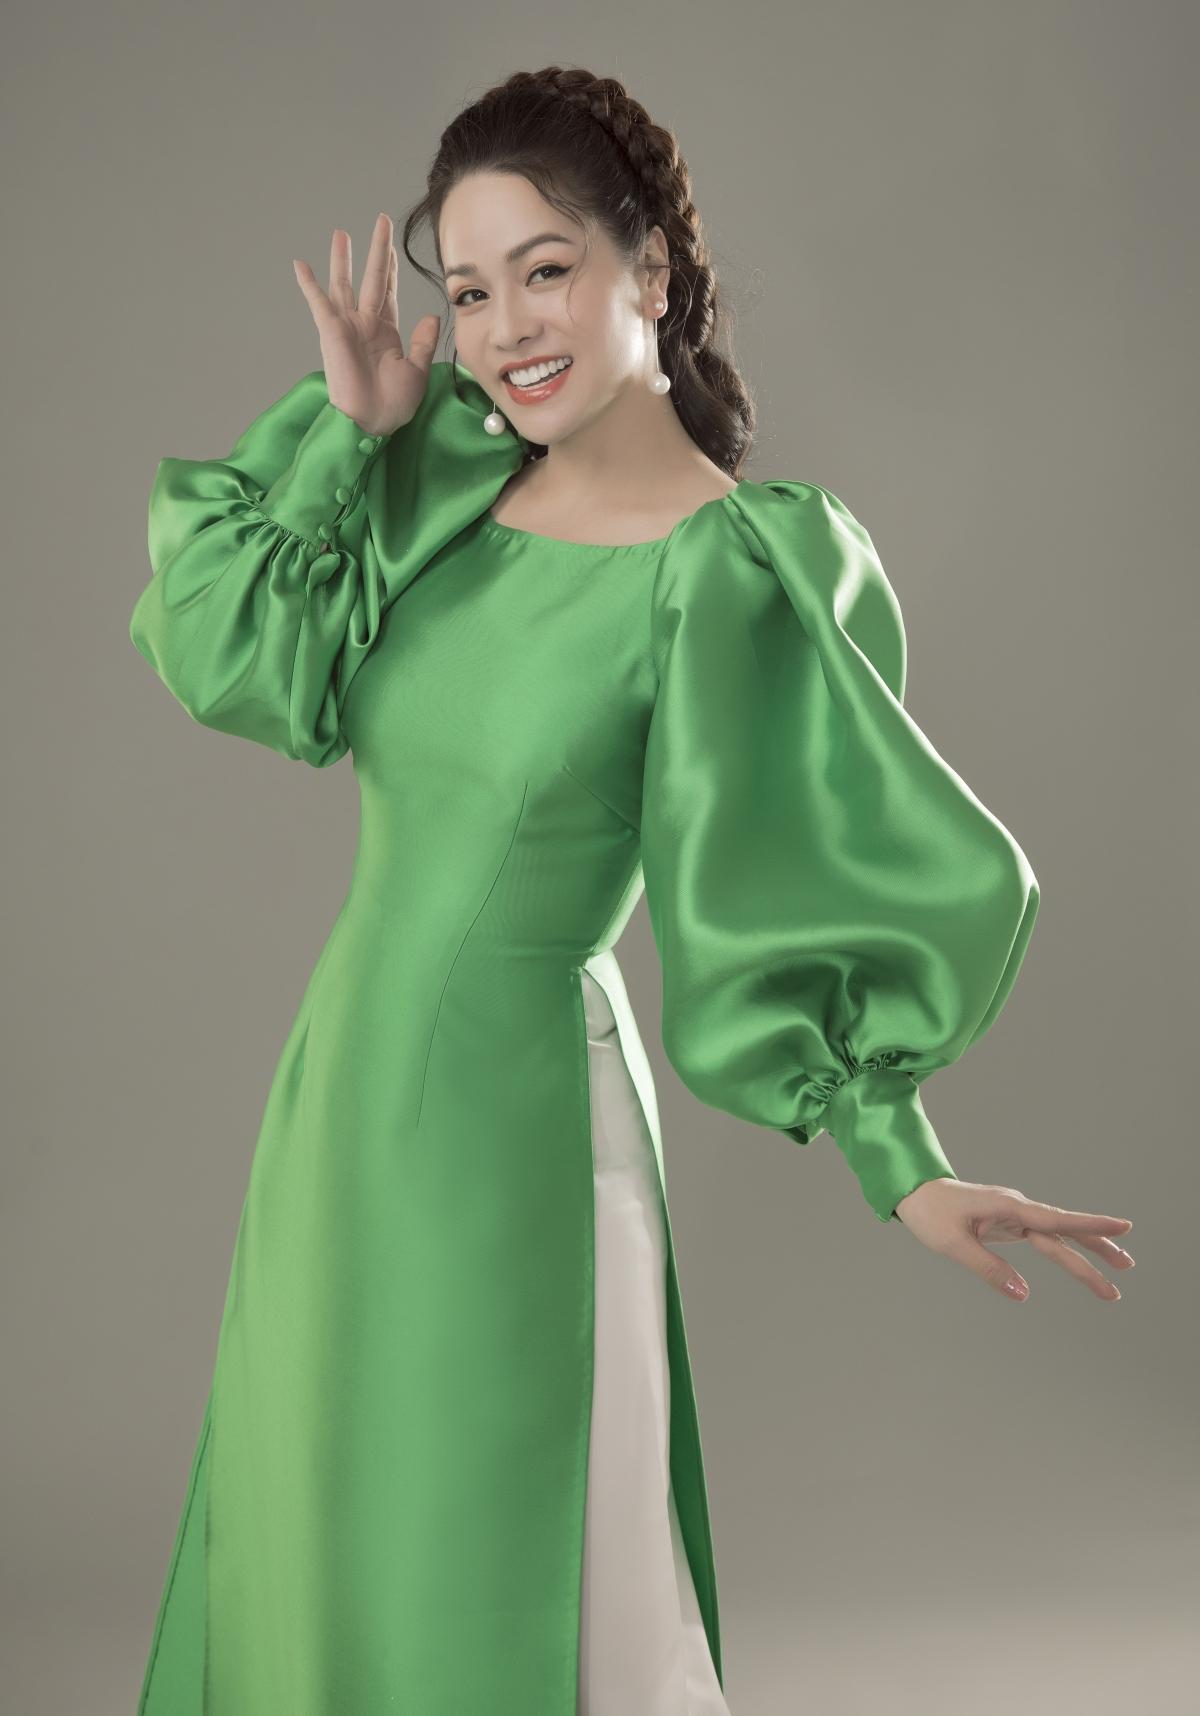 Nhật Kim Anh vừa hé lộ những hình ảnh trẻ trung trong tà áo dài cách tân đơn sắc của nhà thiết kế Thuỷ Nguyễn.